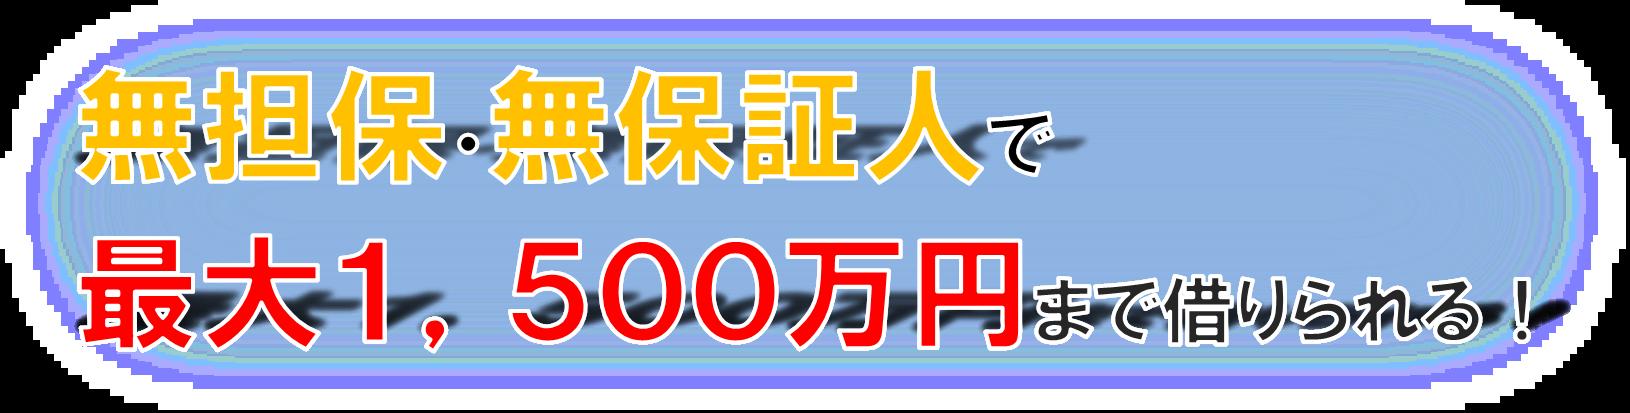 税理士 横浜/横浜市西区の甲田税理士事務所は日本政策金融公庫の新創業融資制度からの資金調達を支援します!